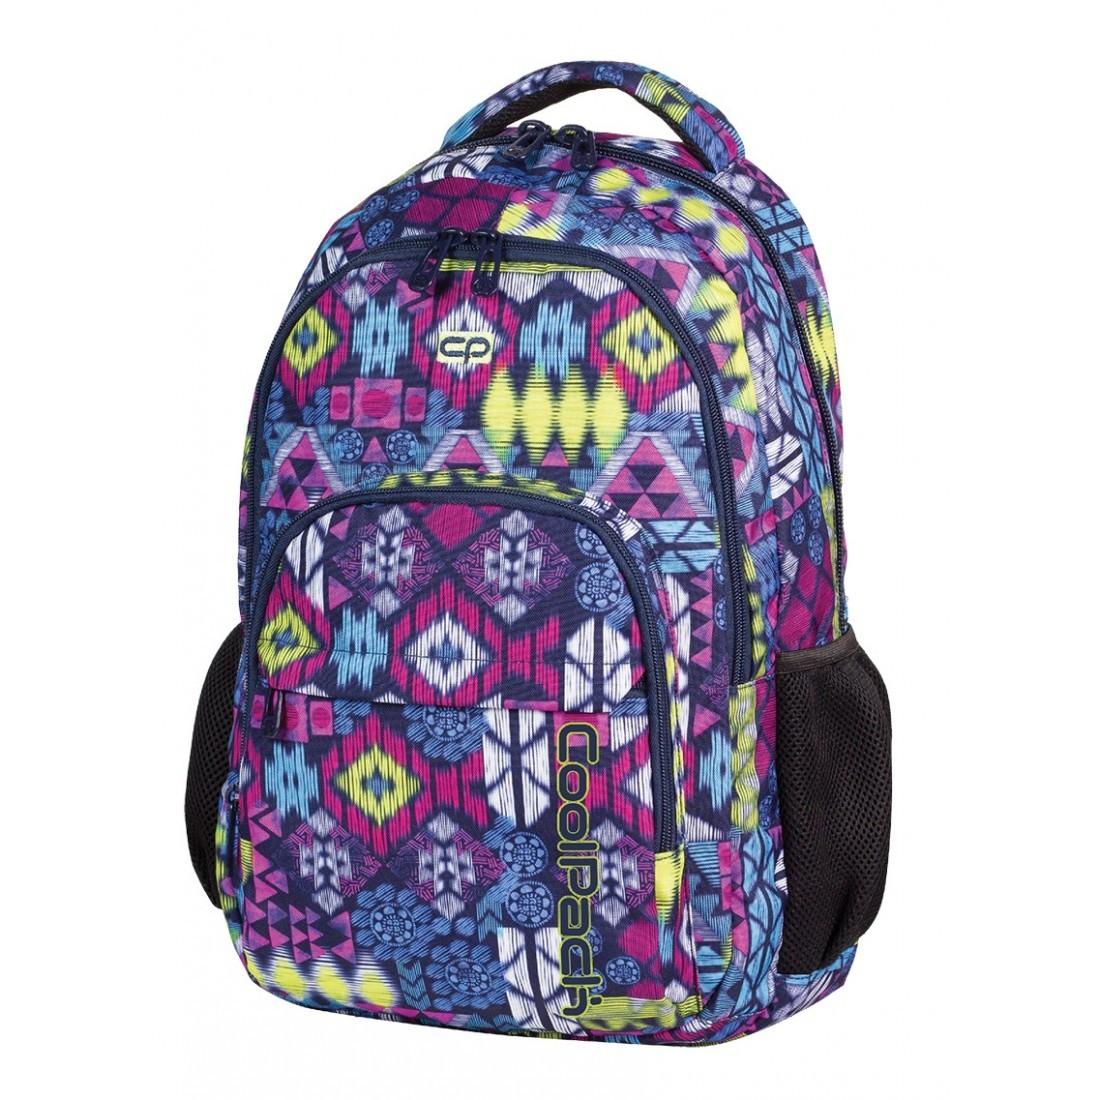 Plecak młodzieżowy CoolPack CP lekki fioletowy etniczny BASIC TRIBAL CP 511